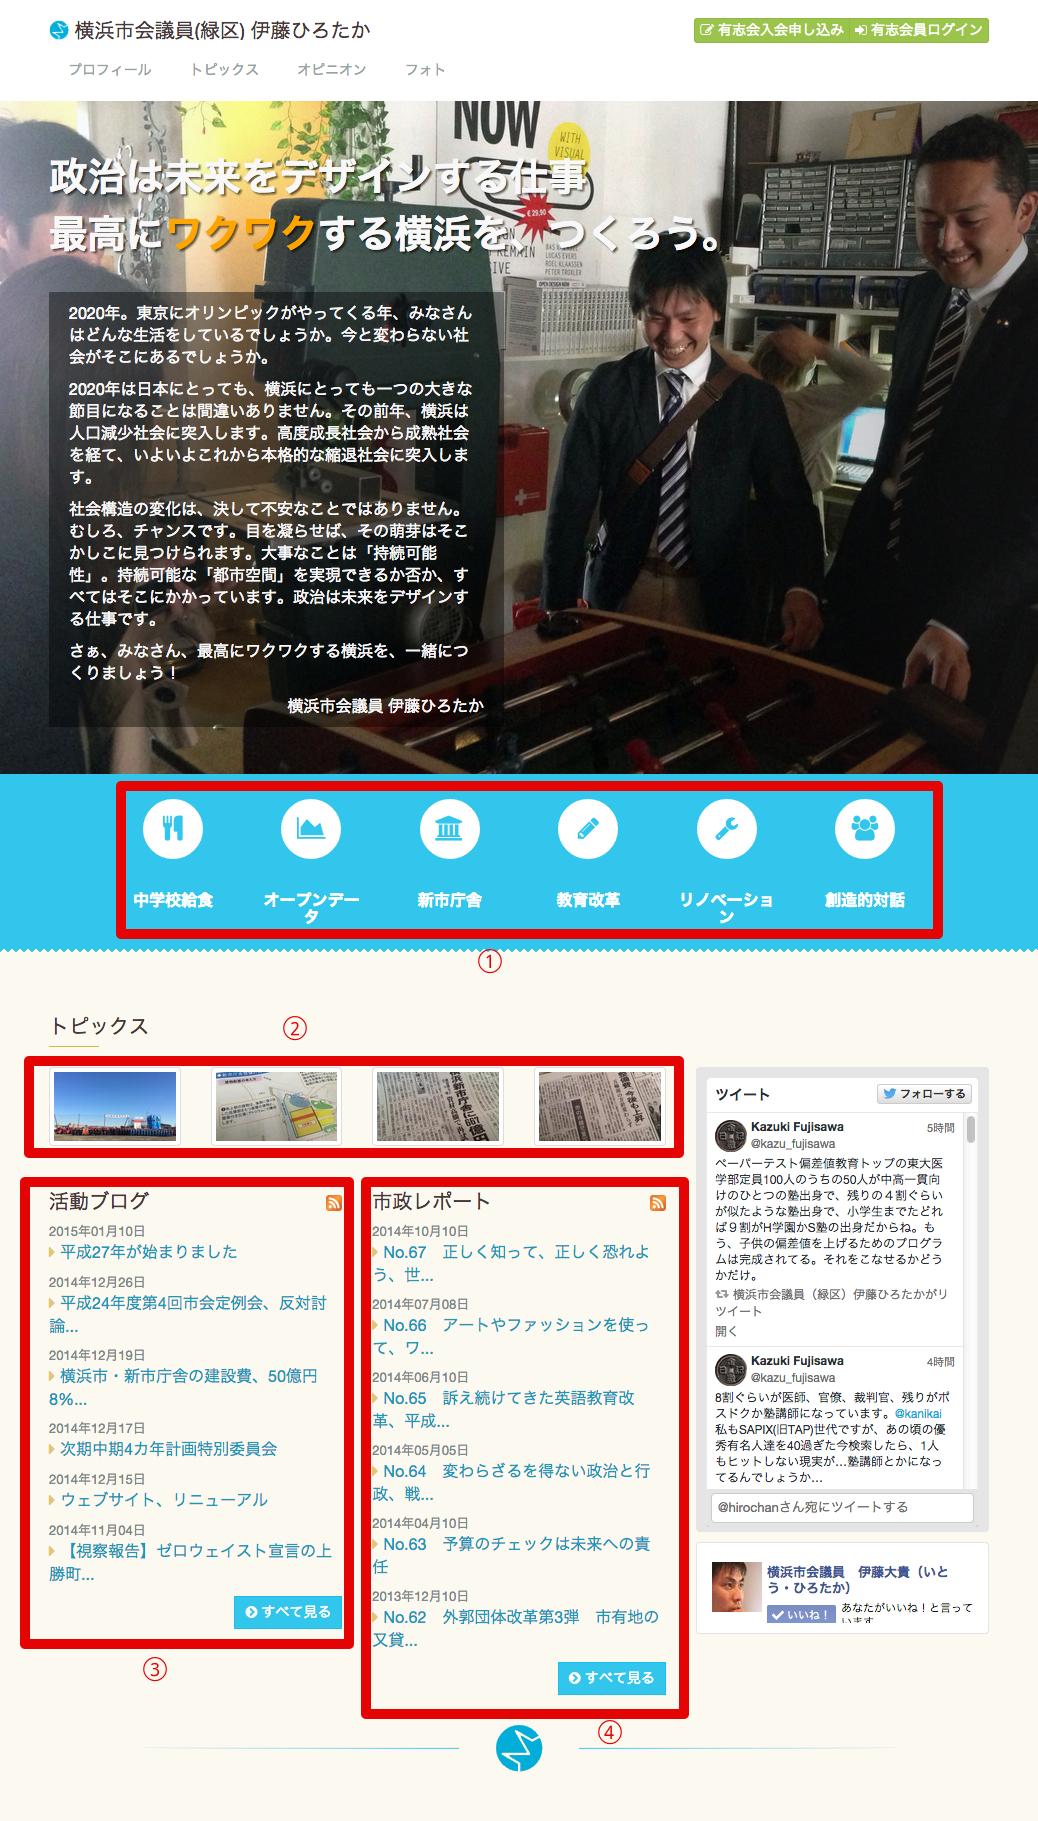 伊藤ひろたか 横浜市会議員トップページ